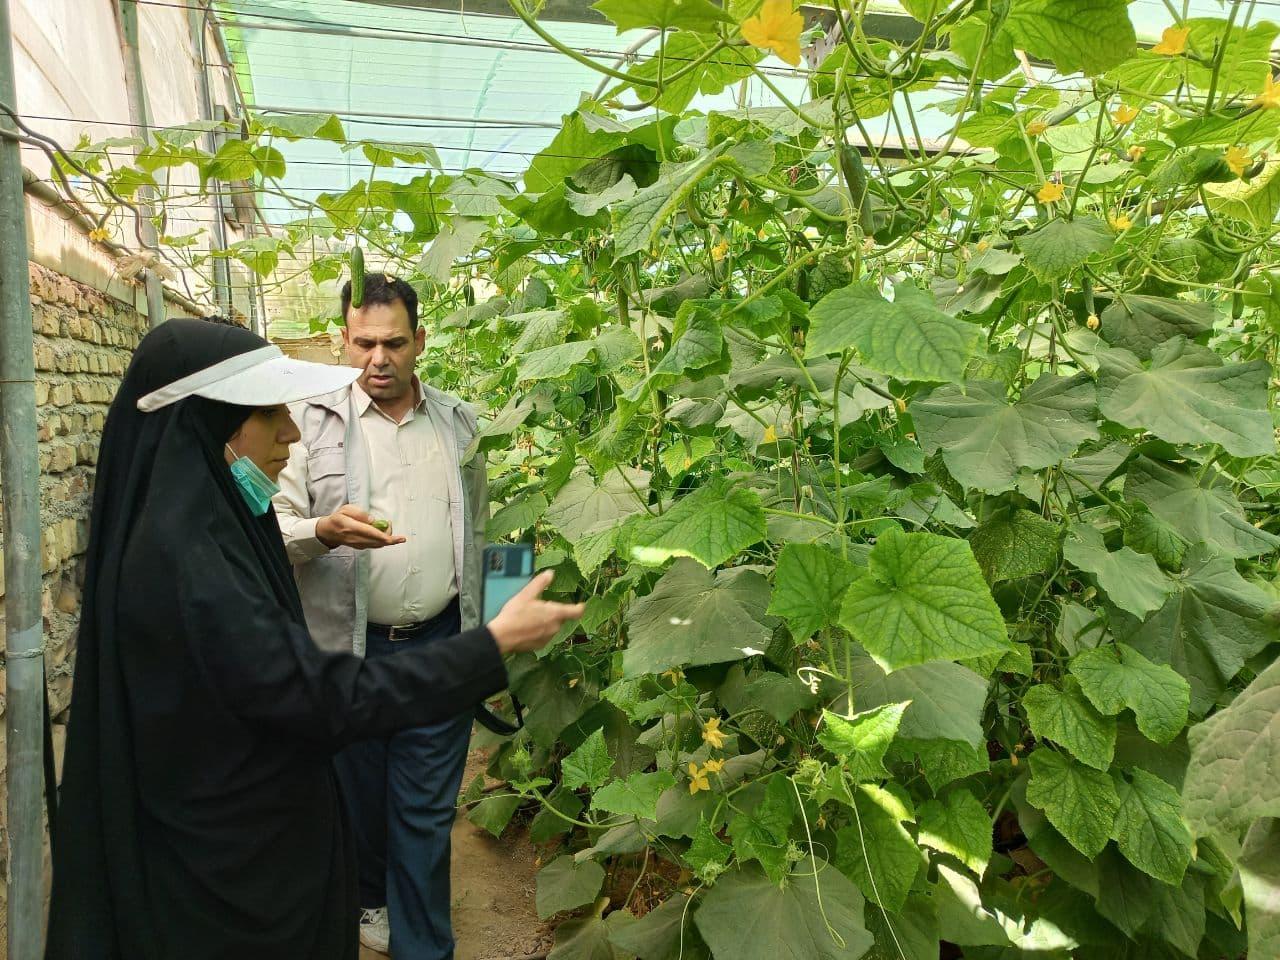 بالغ بر ۱۴۰ تن خیار گلخانهای در شهرستان جوین تولید شد